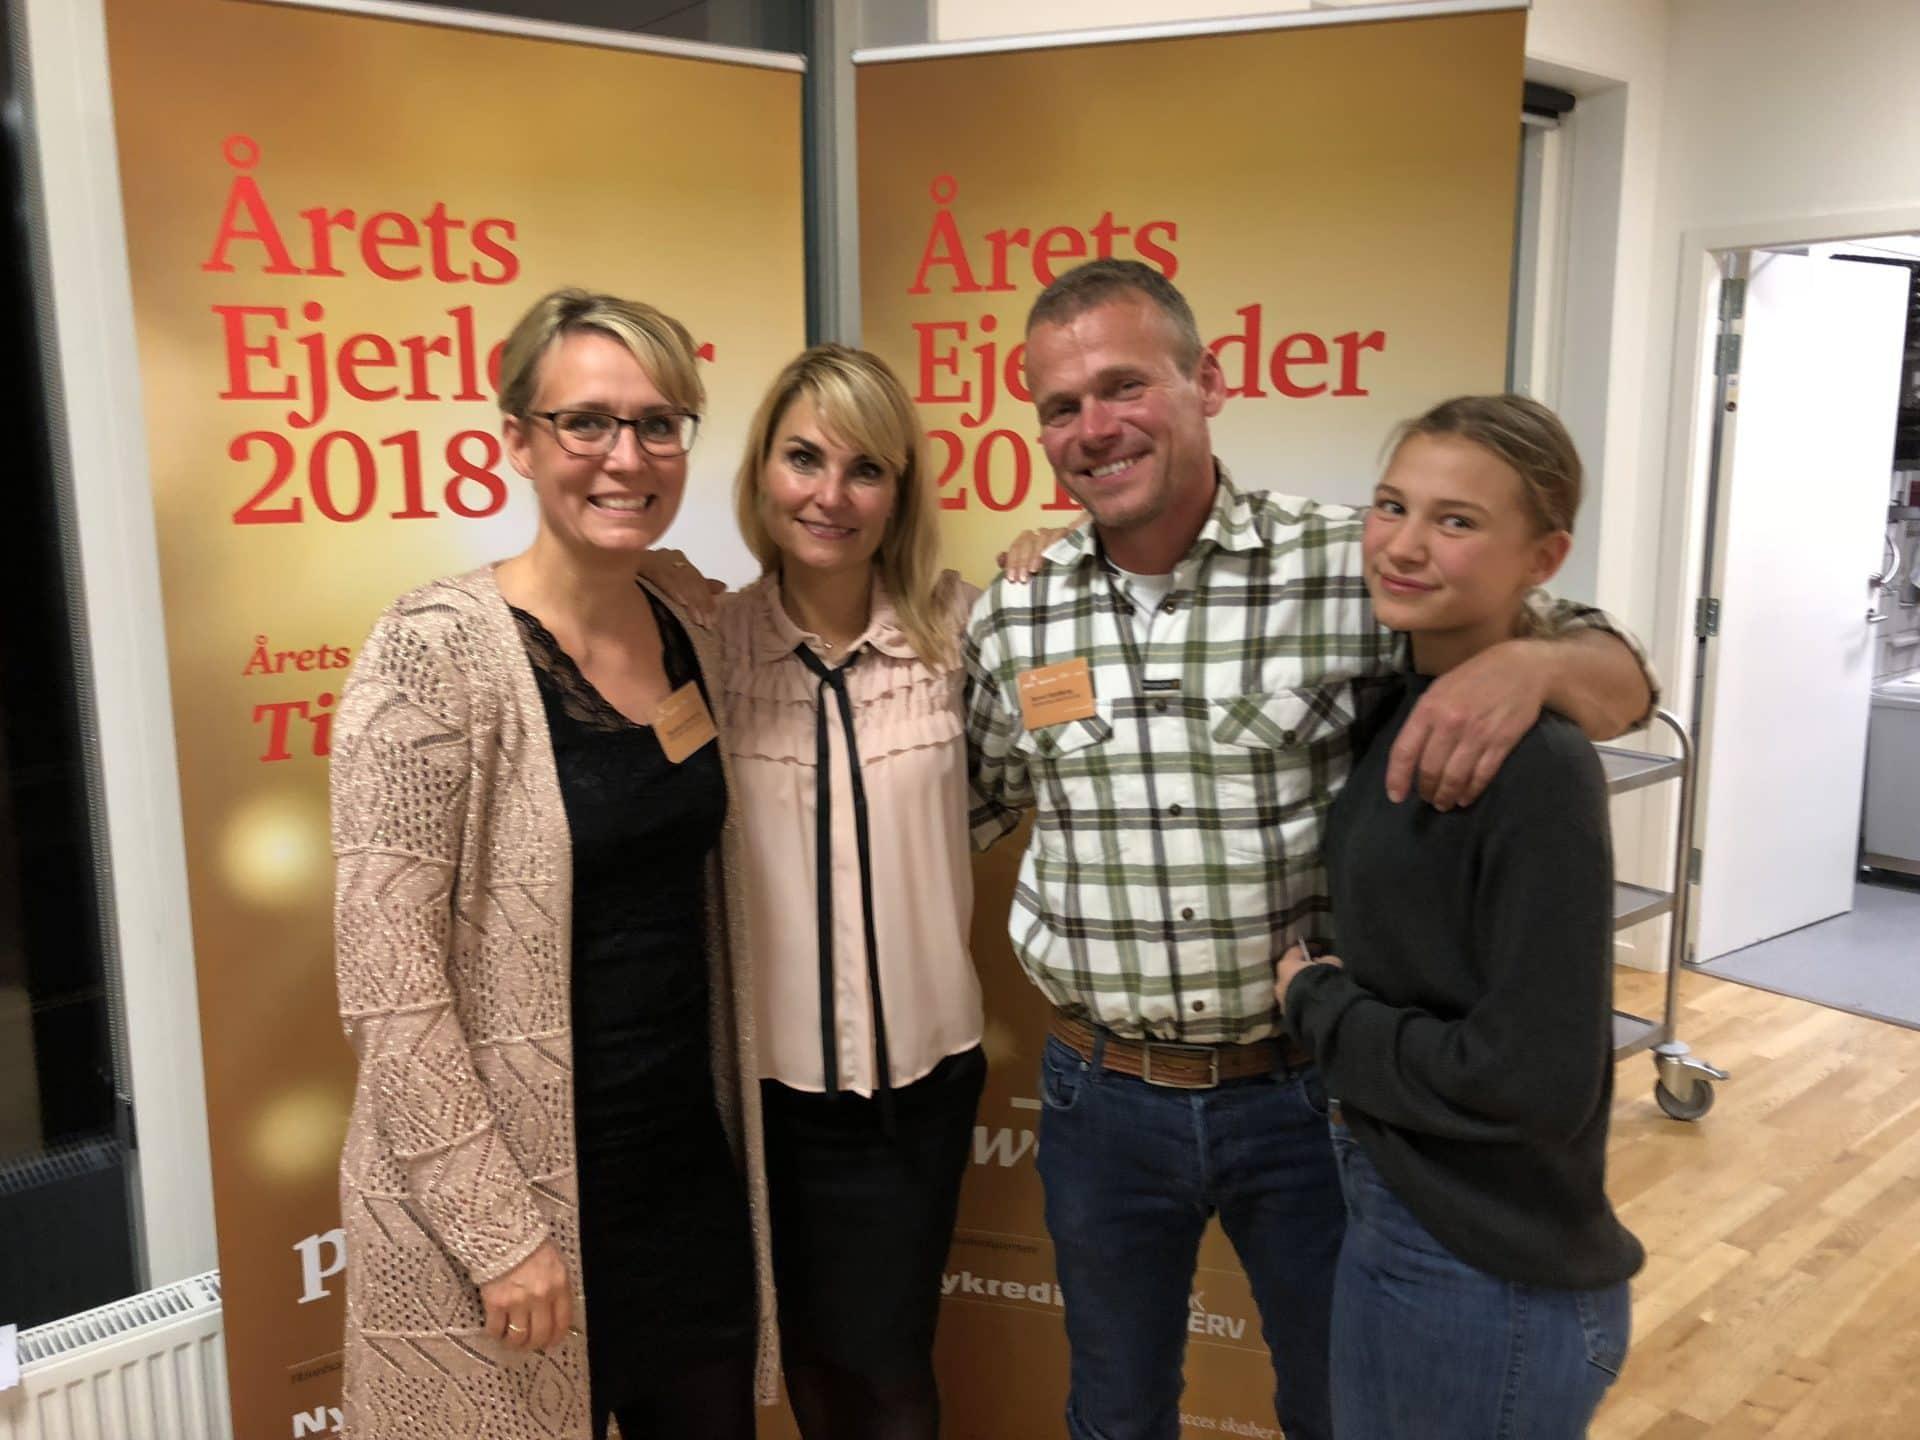 Årets ejerleder 2018 PwC Emblem. Marianne og Bertel Hestbjerg